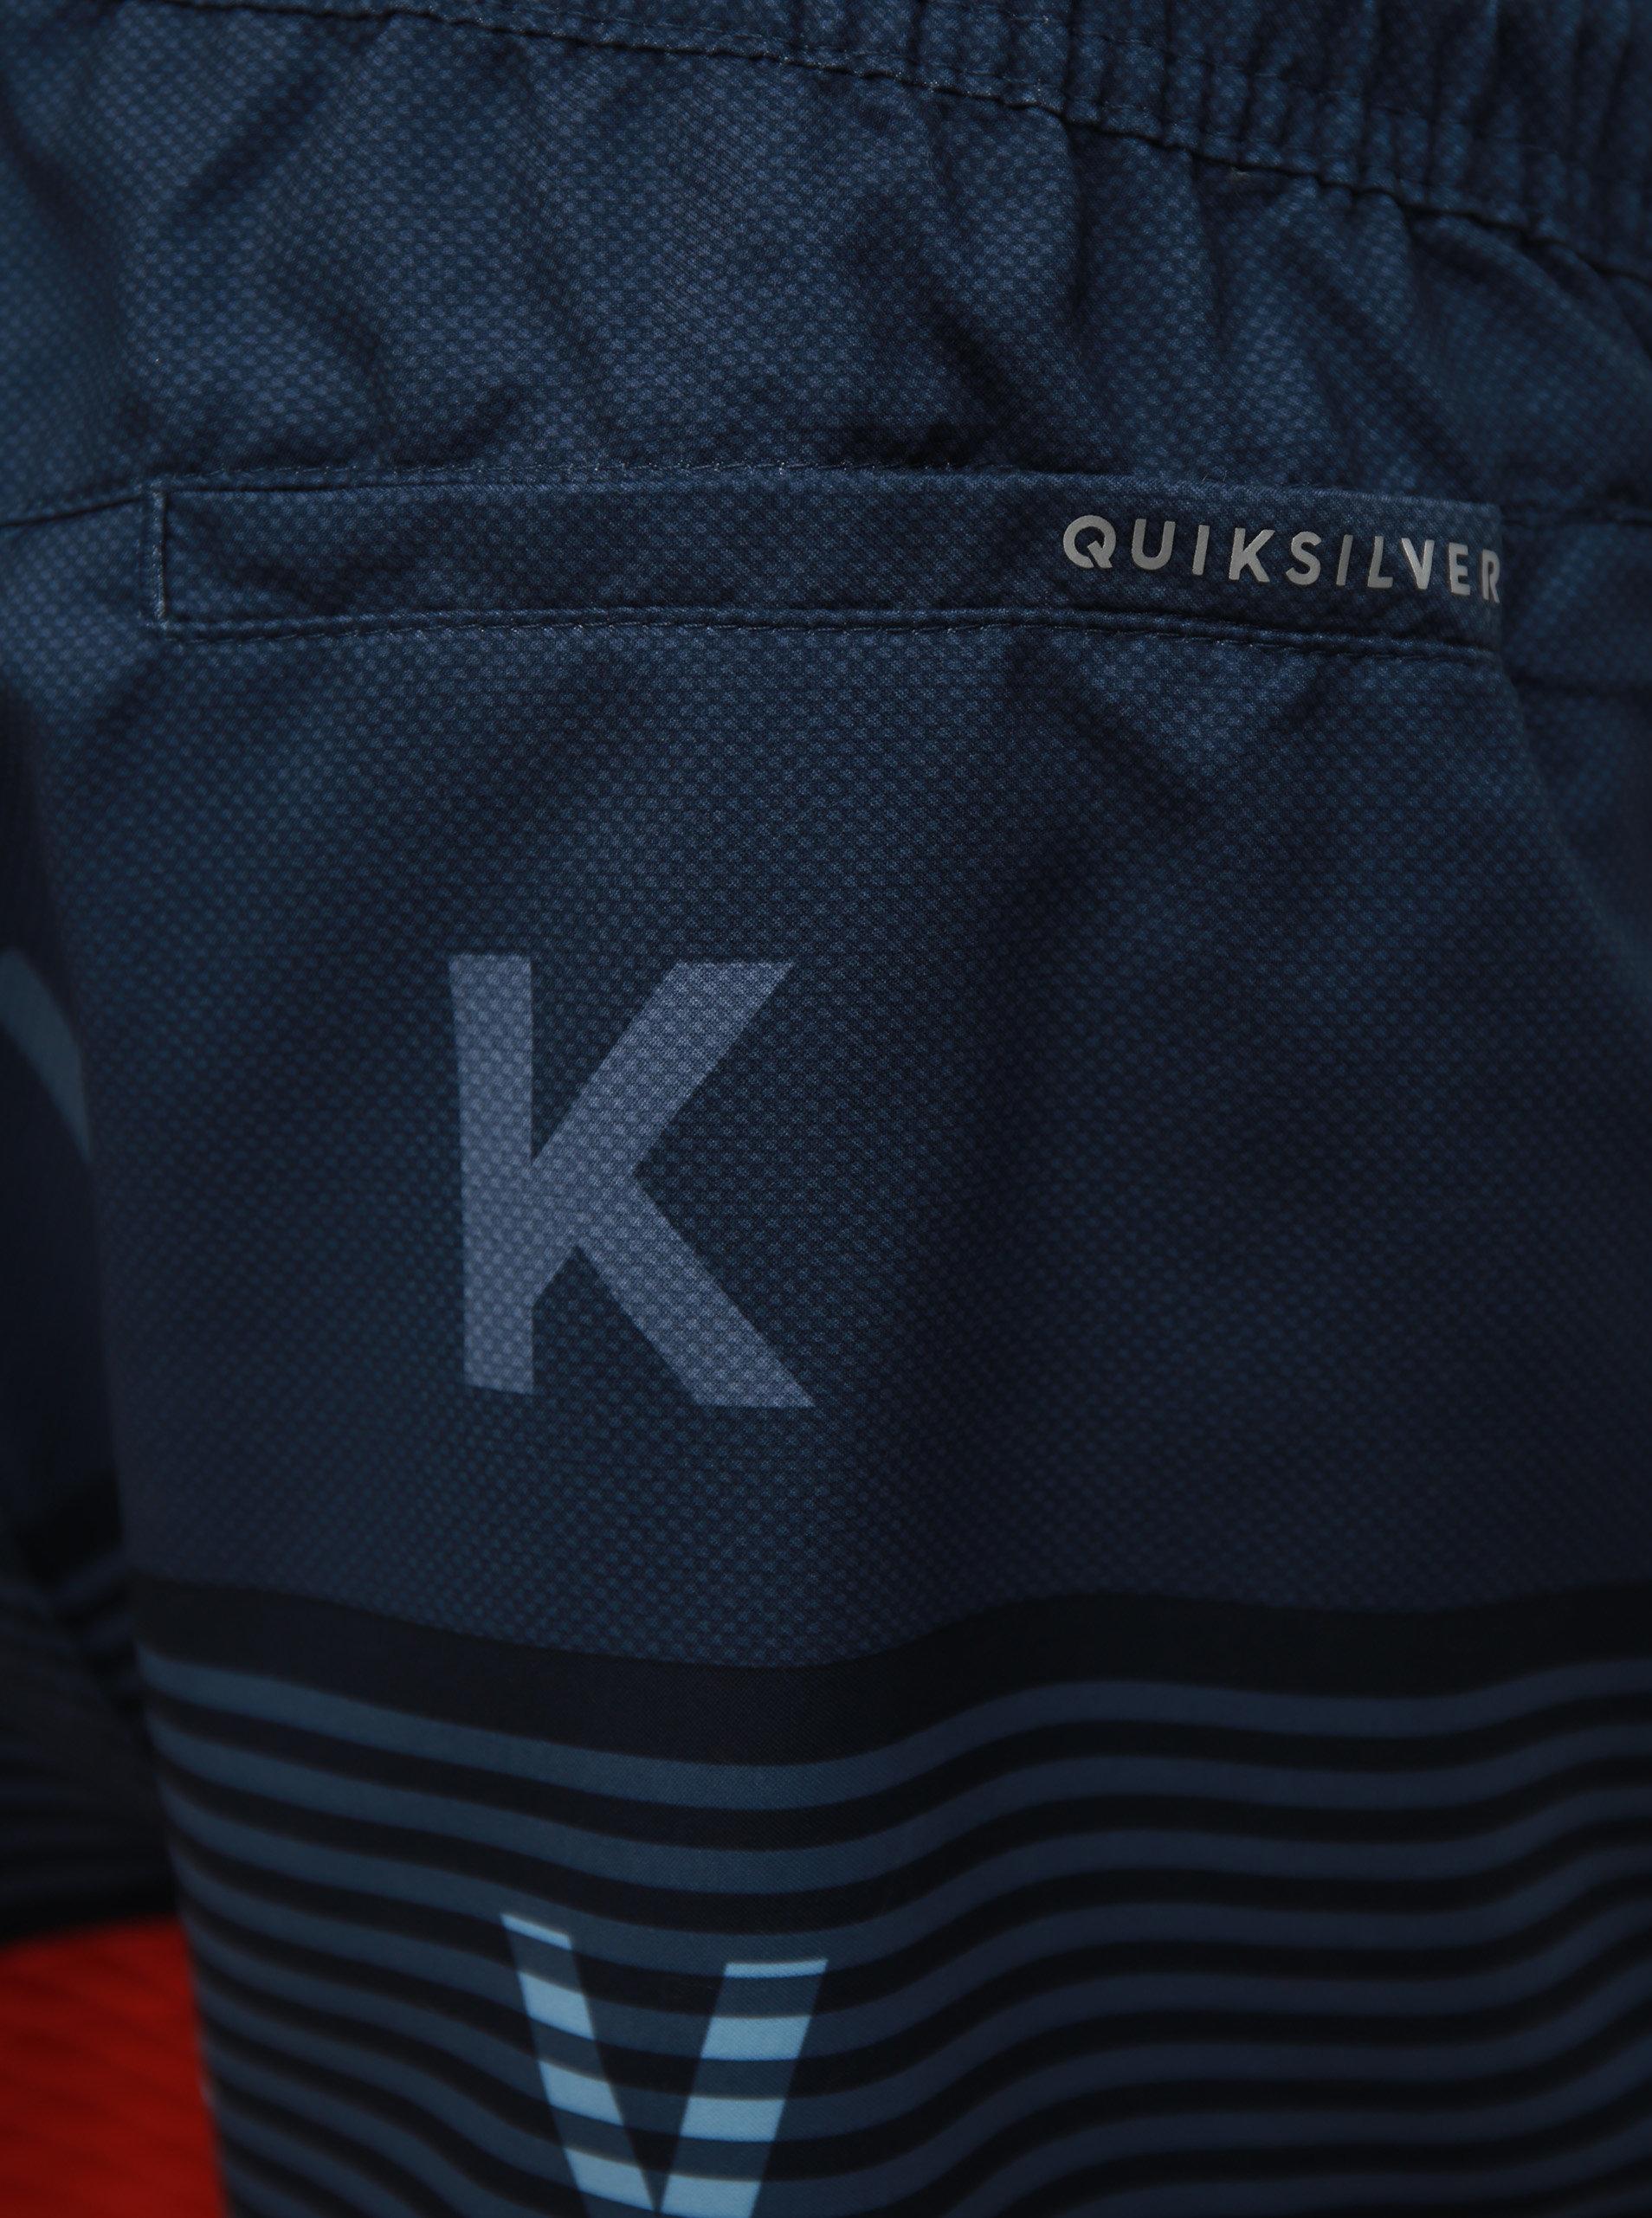 adc7b16bbbd Modré pánské plavky s nášivkou Quiksilver ...